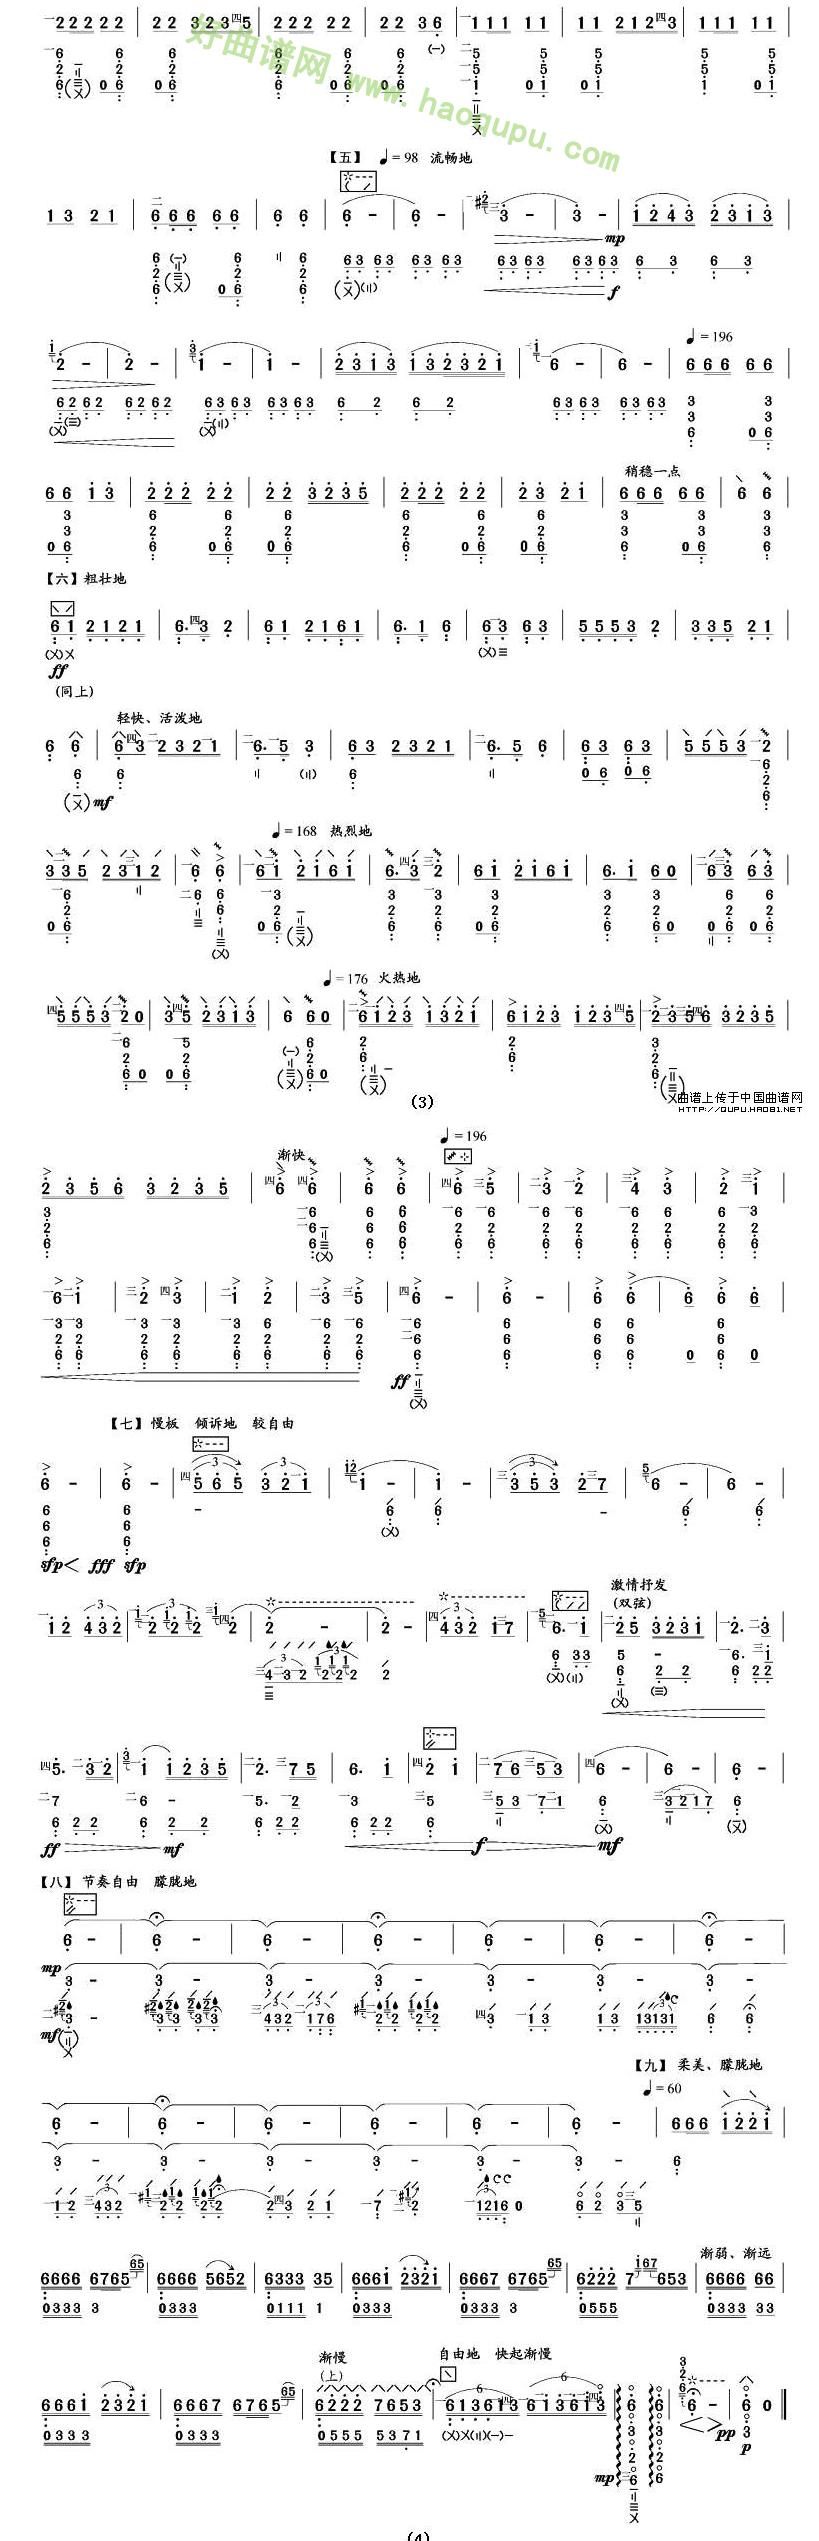 《彝族舞曲》 琵琶曲谱第2张